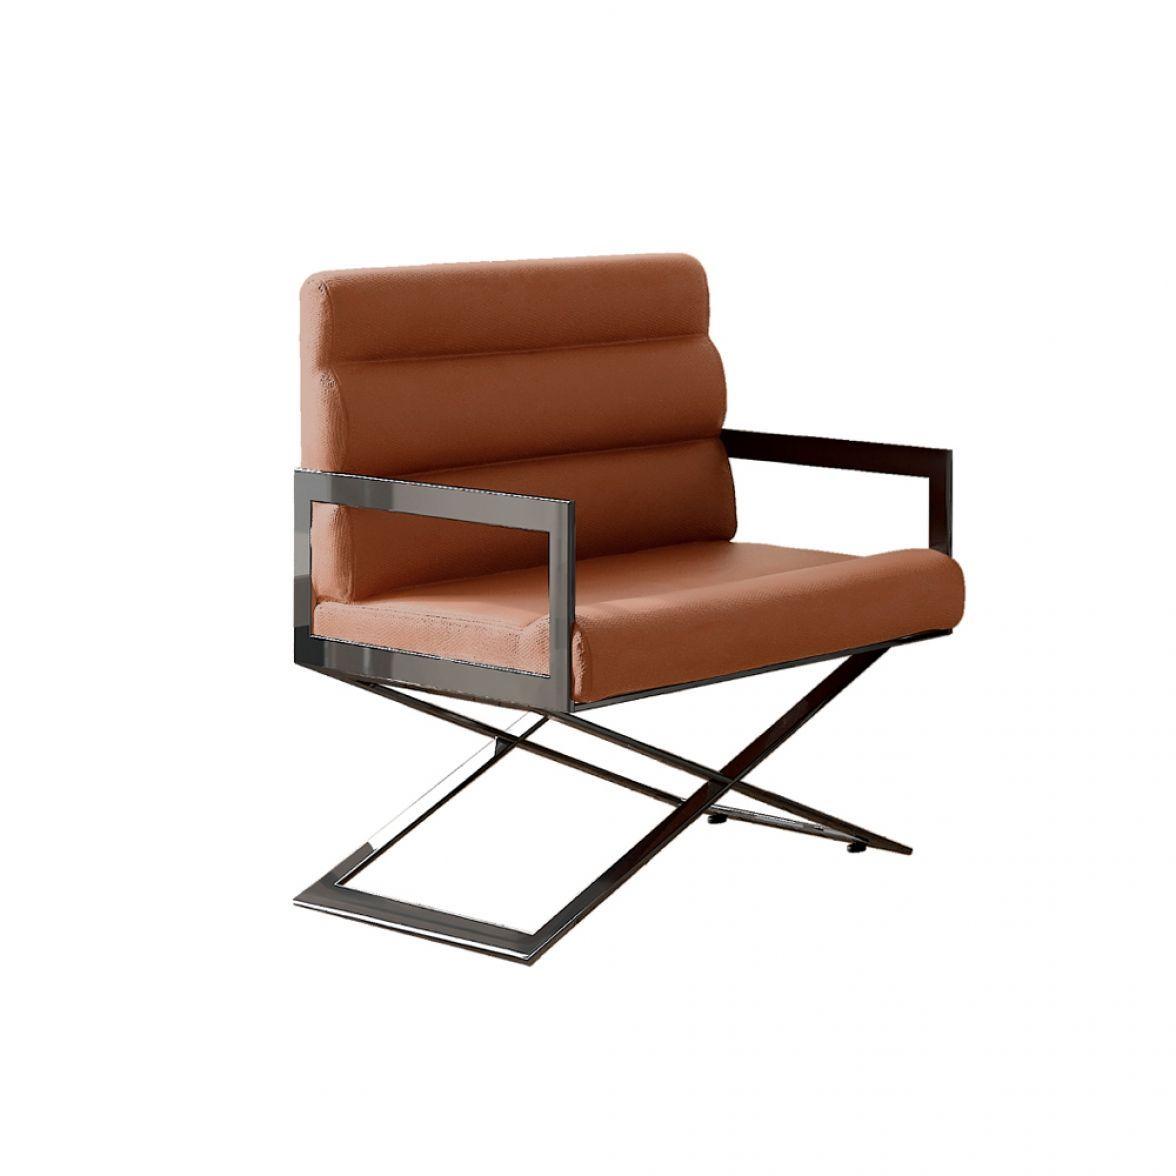 Kappa L armchair